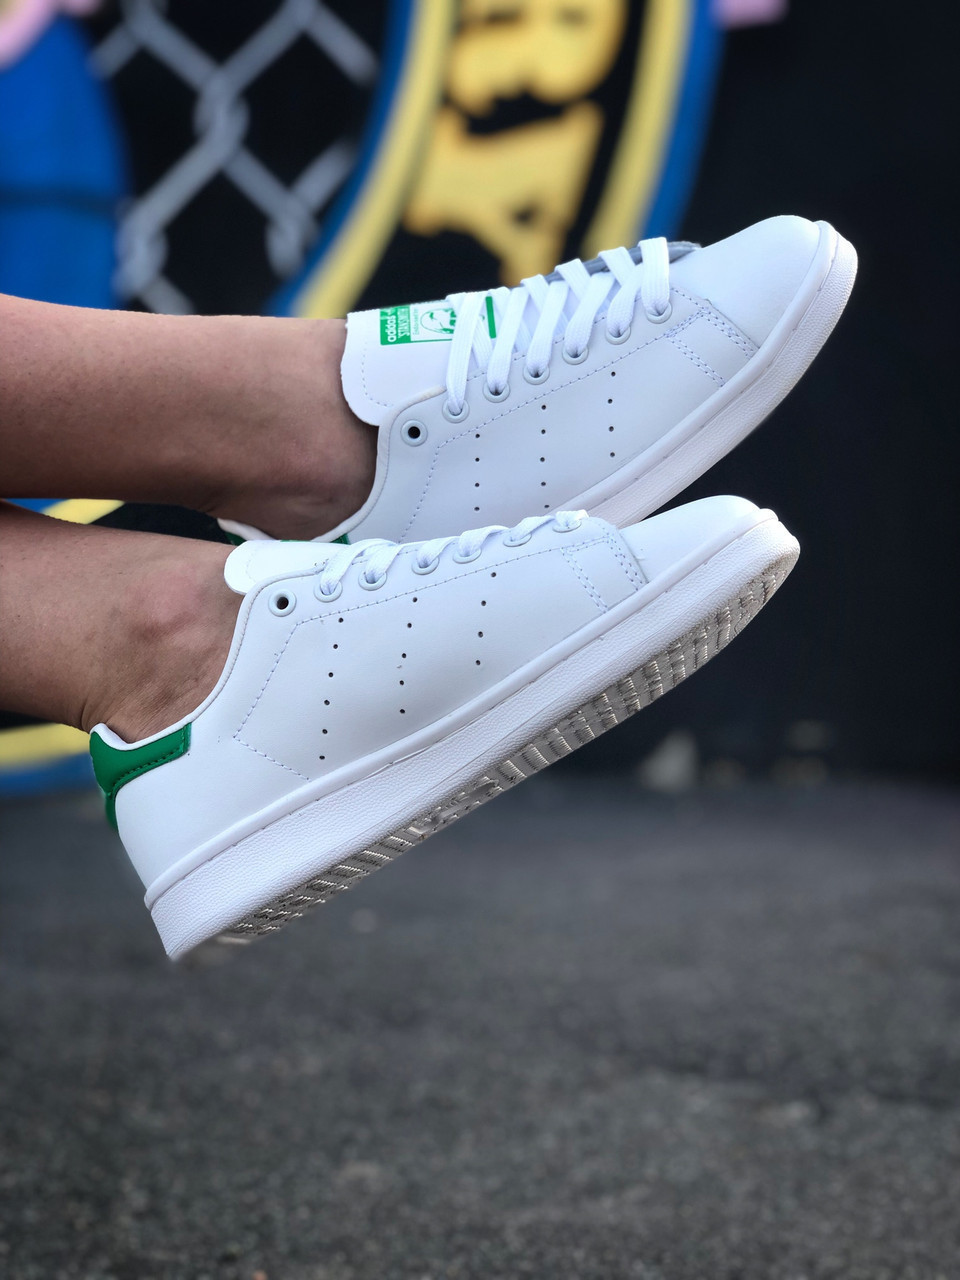 Кроссовки Adidas Stan Smith женские, в стиле Адидас Стен Смит. Натуральная кожа. код Z-1557. Белые